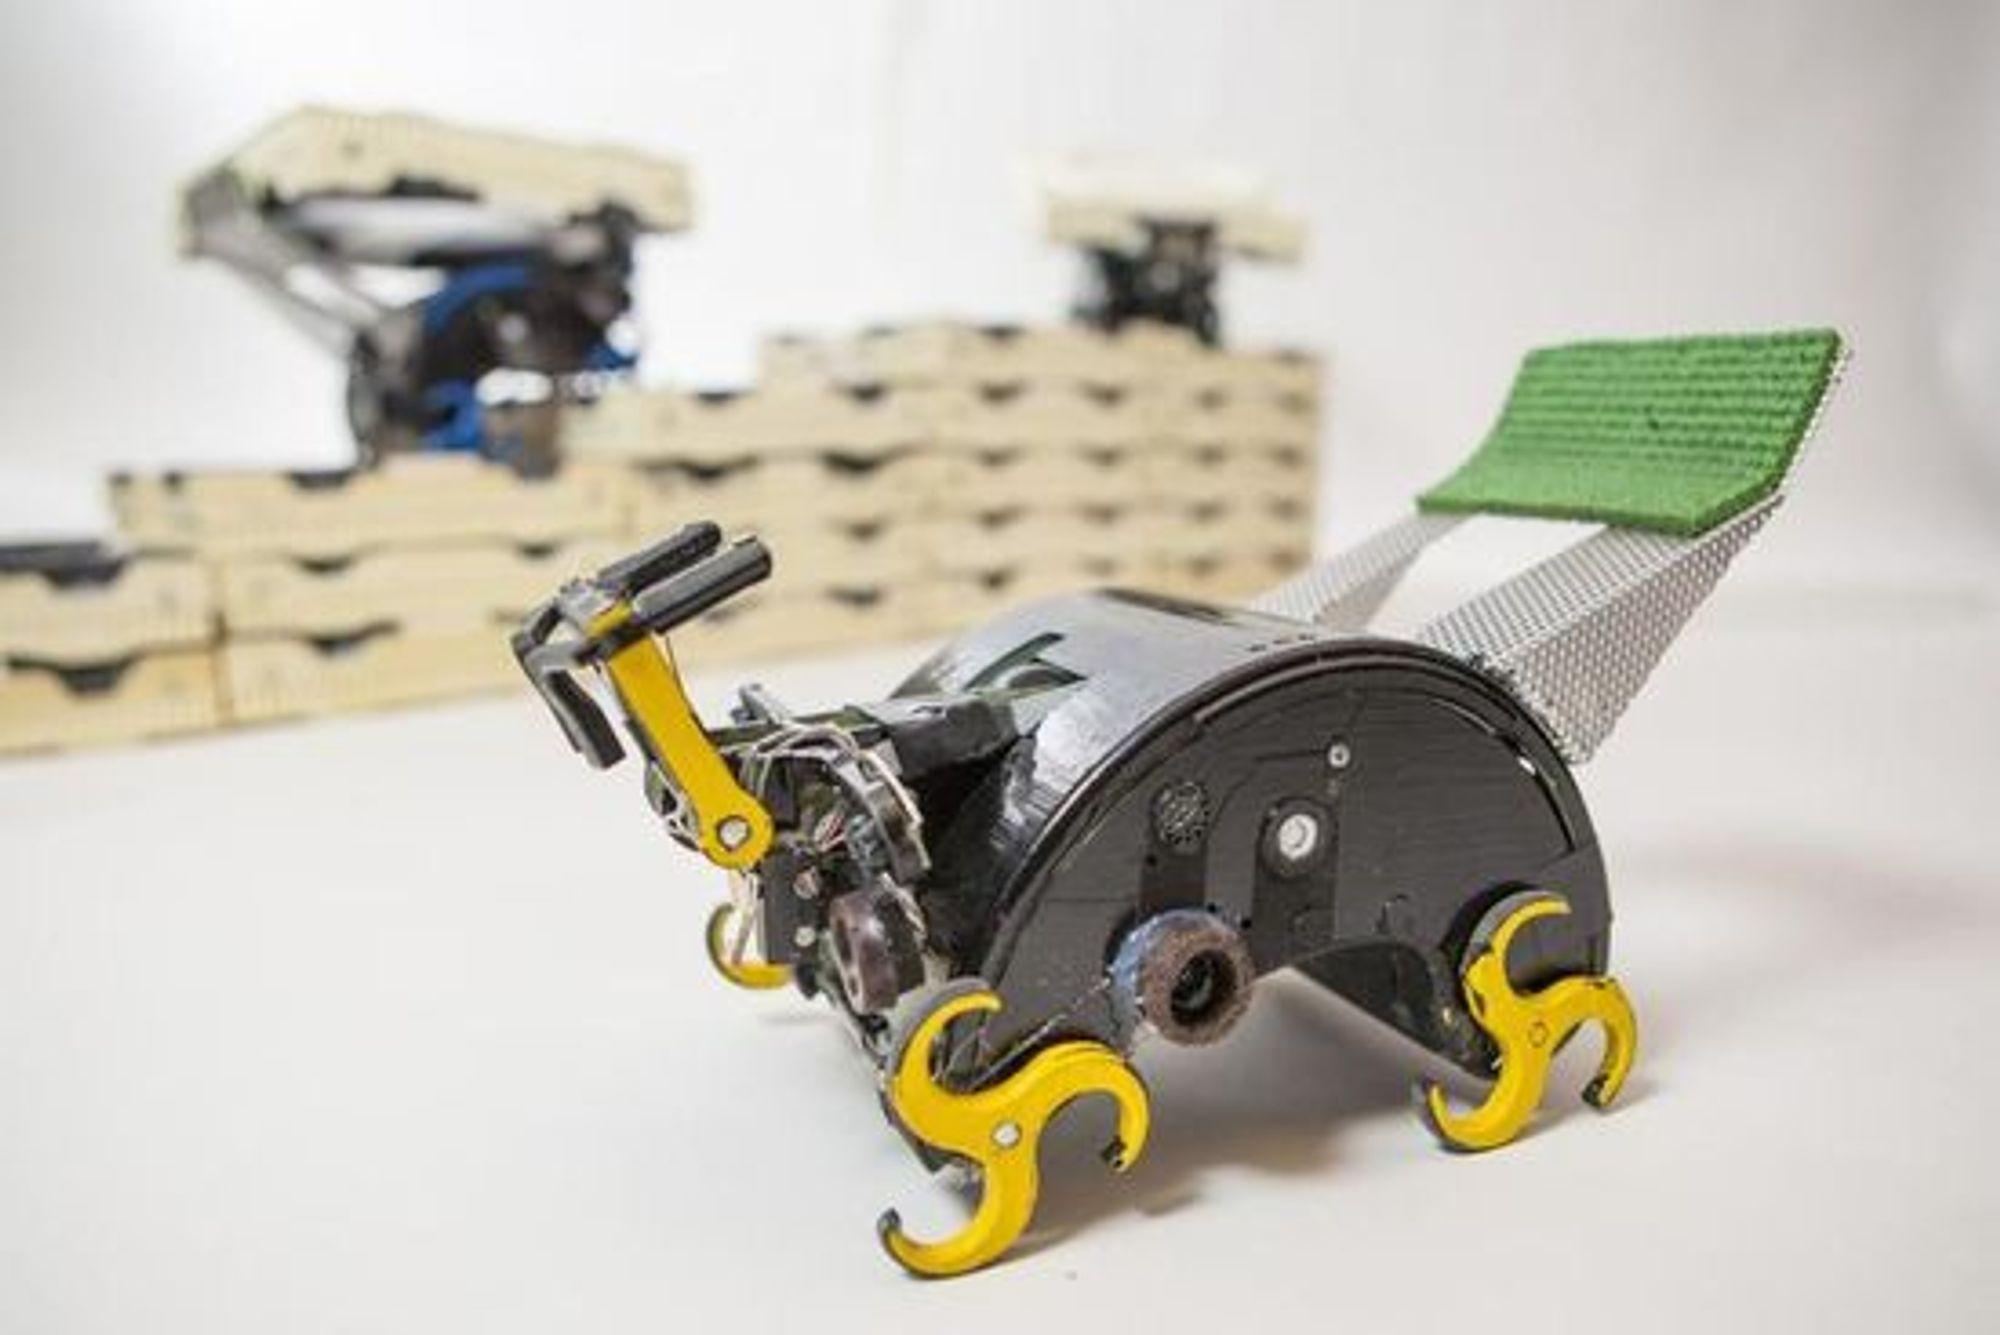 Robotens hjul er tilpasset, slik at den kan bevege seg over brikkene.